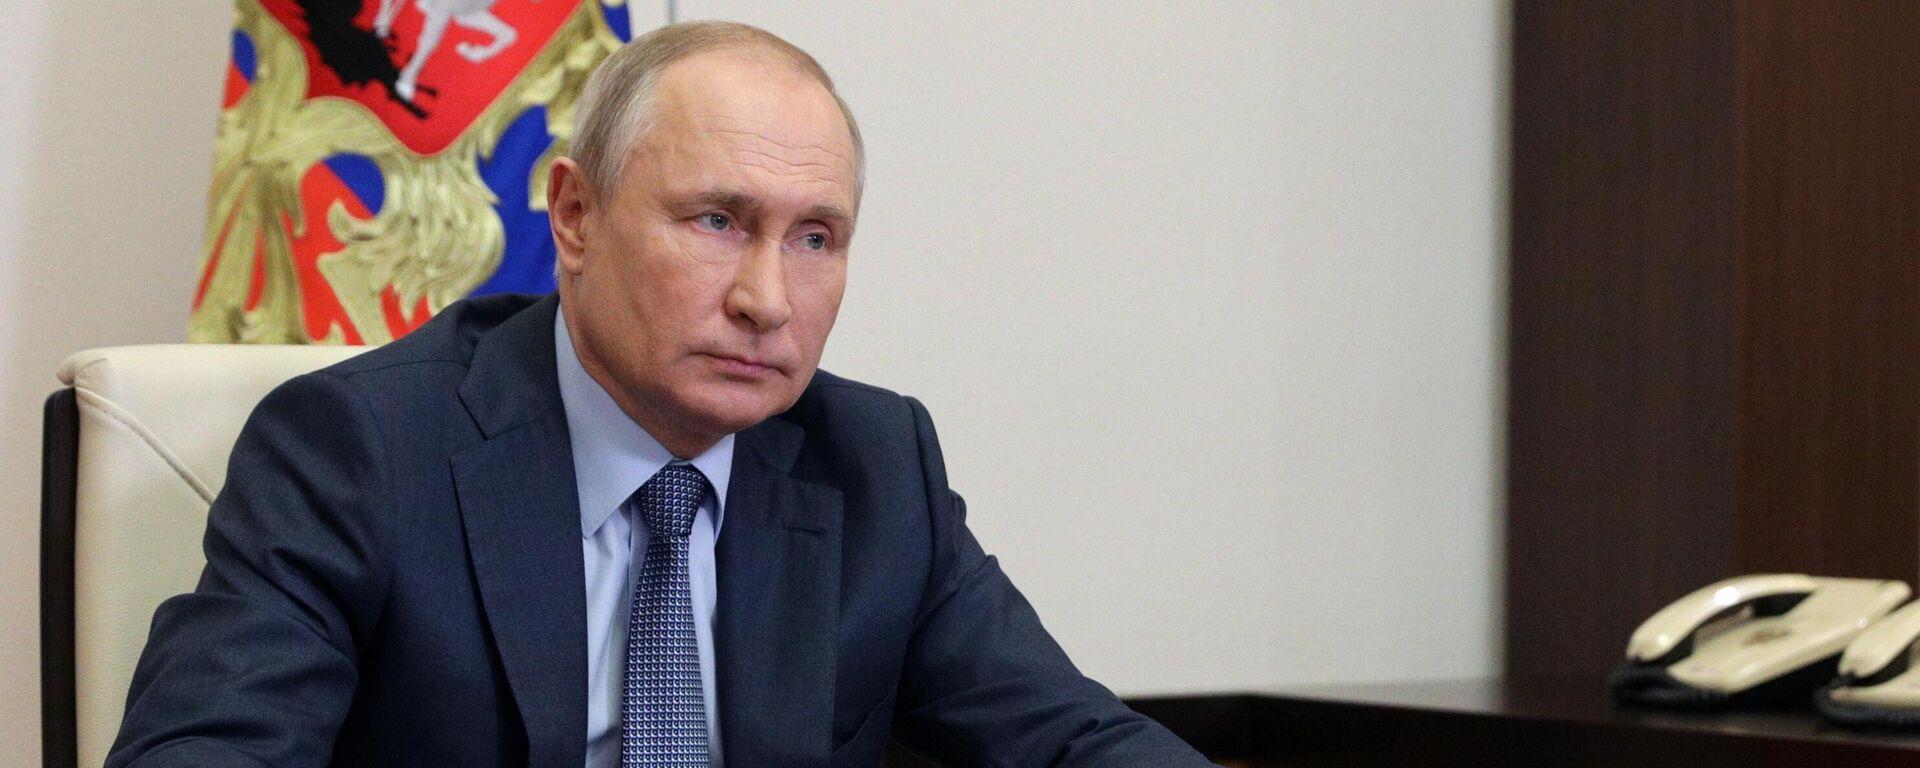 Президент России Владимир Путин - Sputnik Латвия, 1920, 12.07.2021